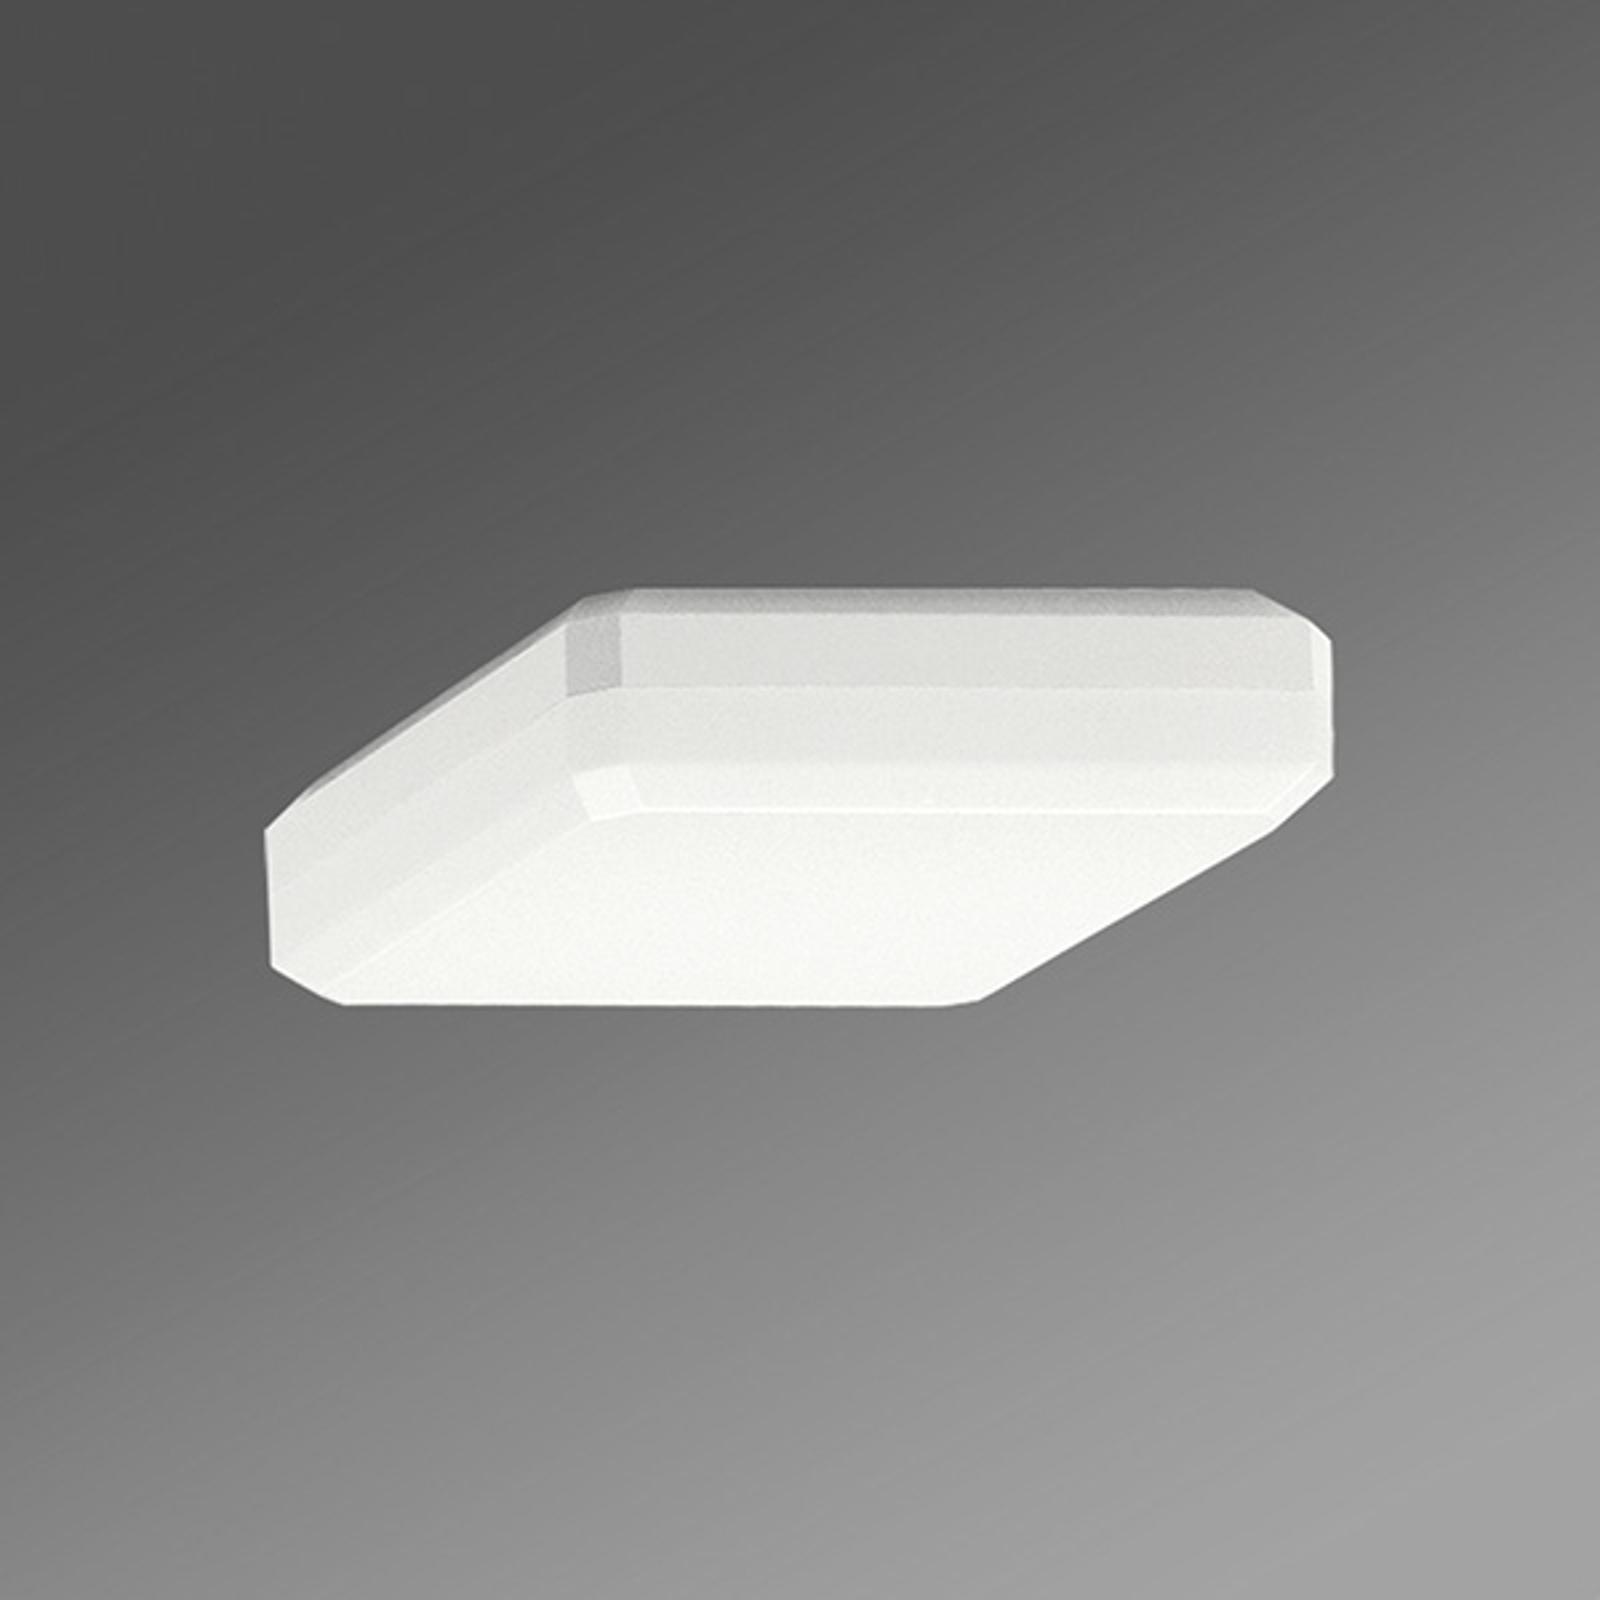 Lampa sufitowa WQL opalowy uniwersalna biel